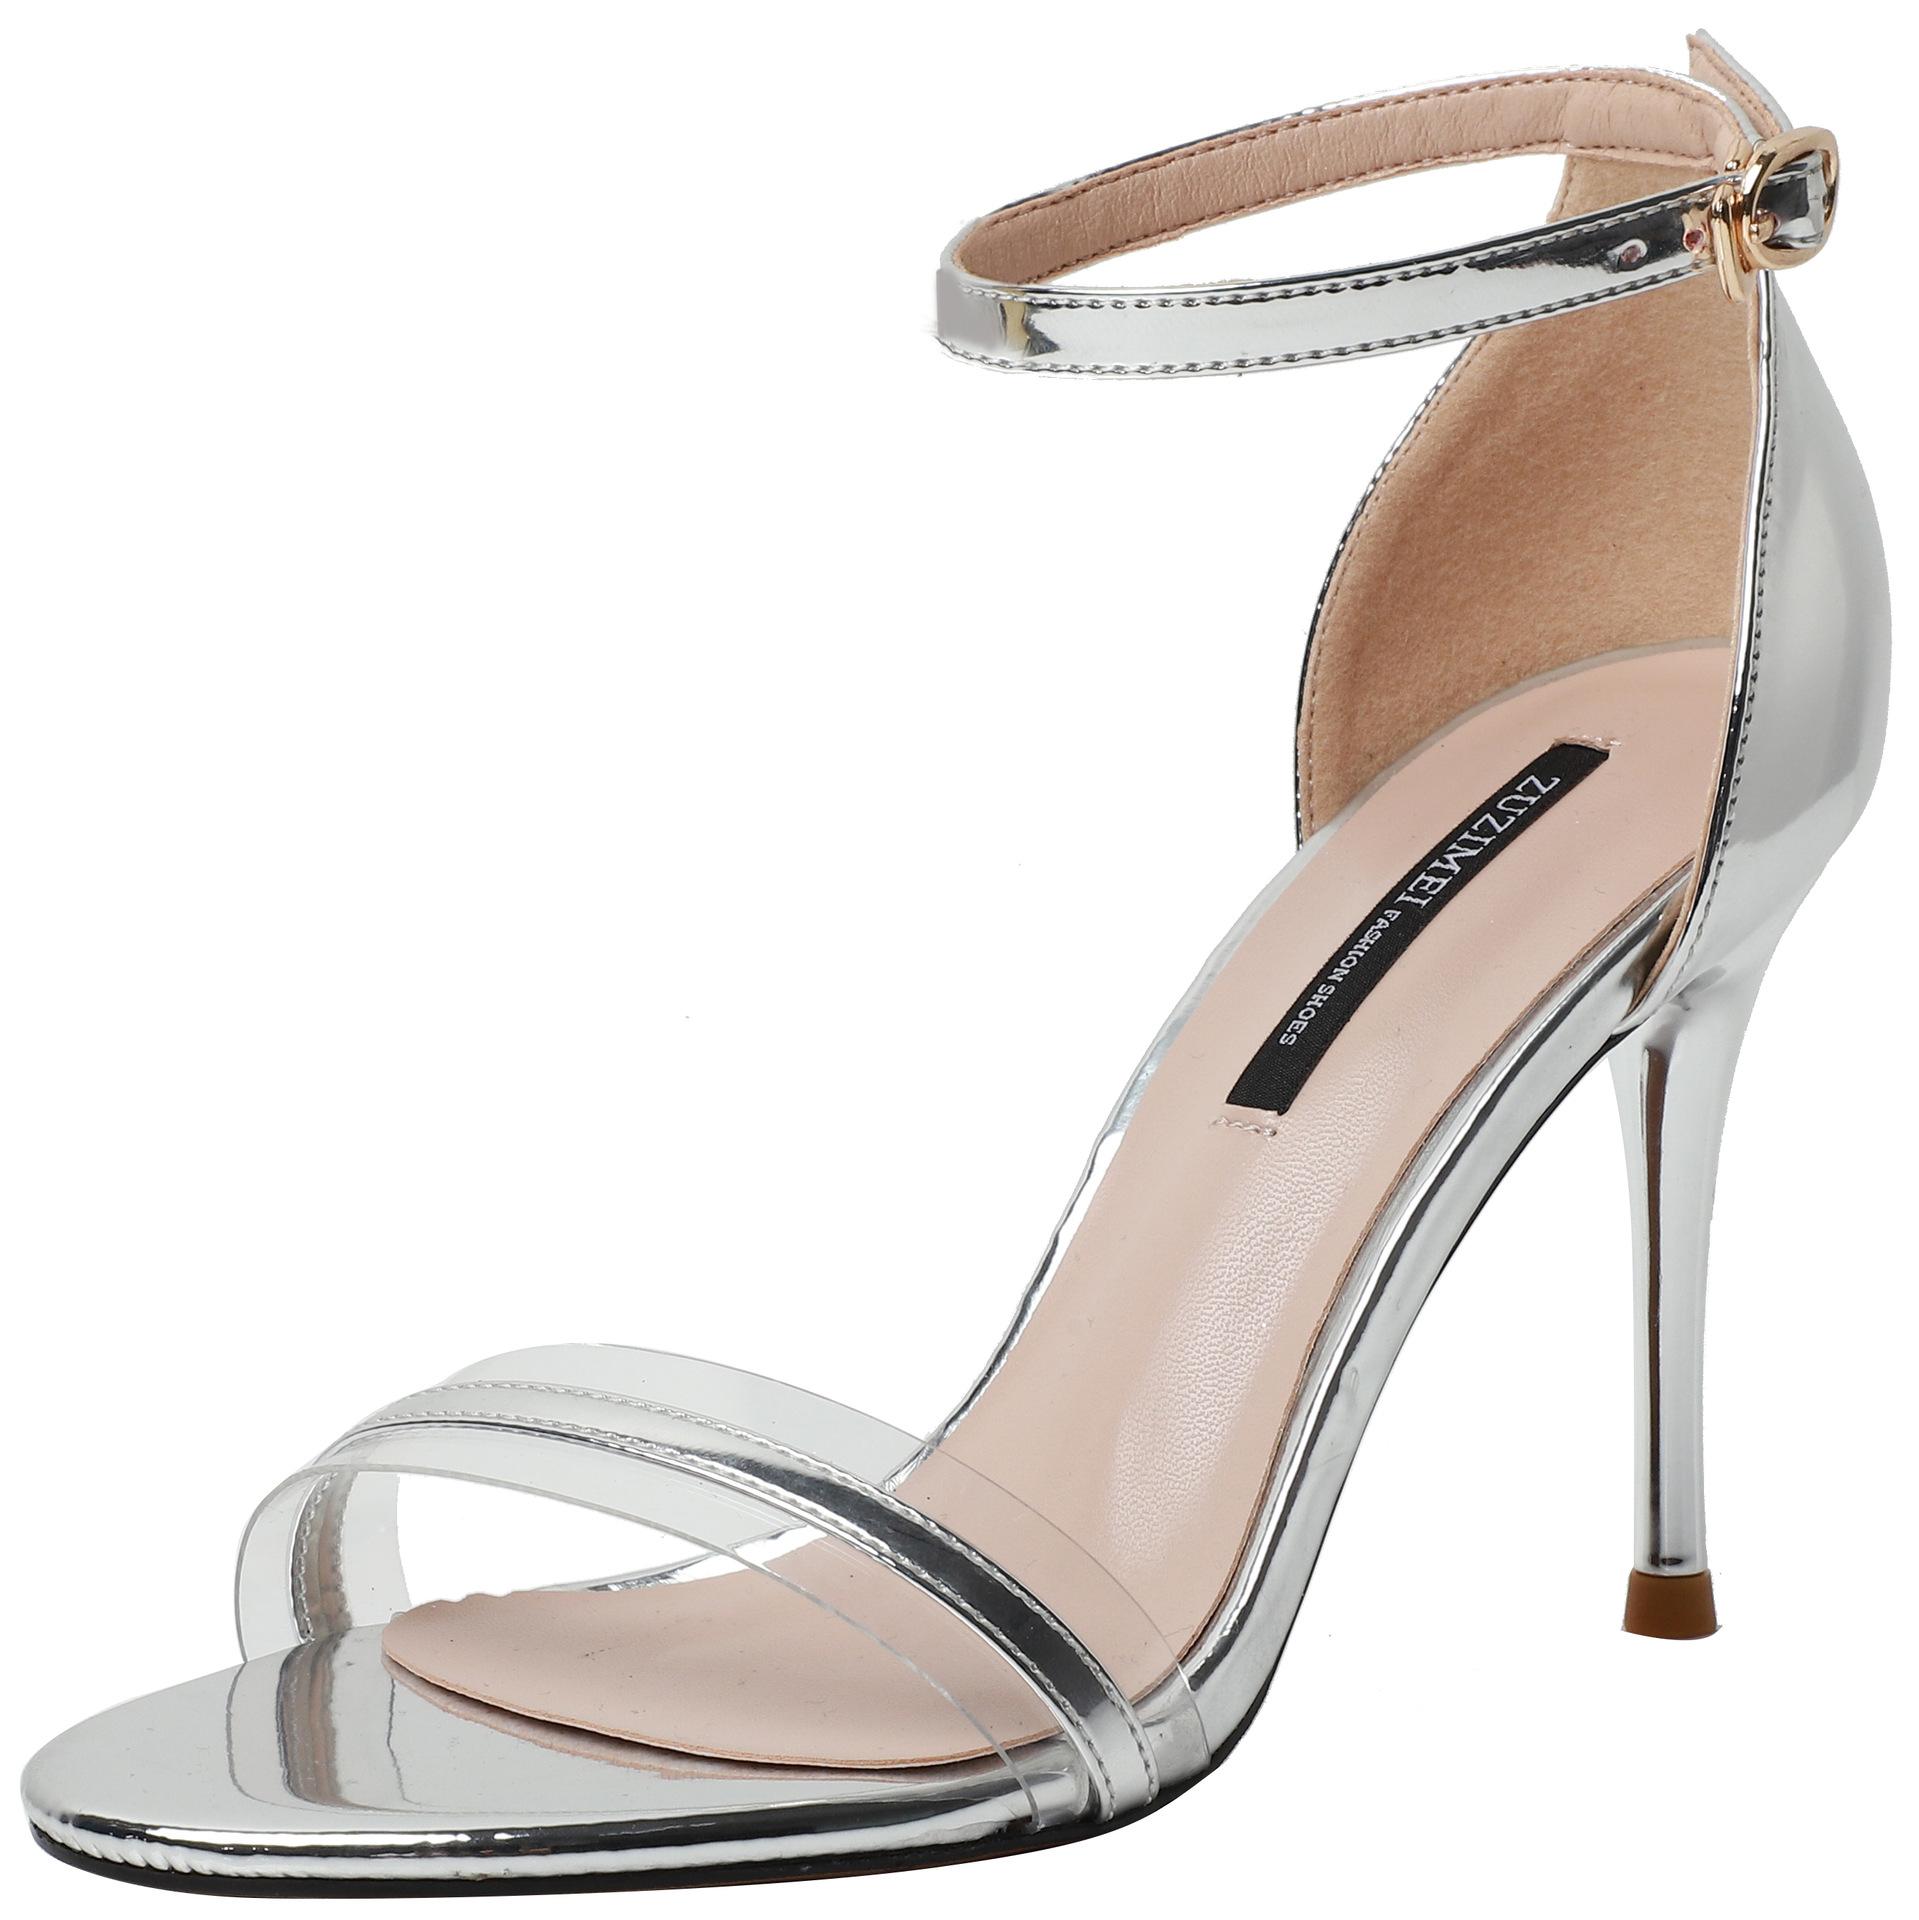 ZUZIMEI Giày nữ hàng Hot QS888-3, 3319-11 bằng sáng chế khóa da với màu sắc phù hợp với dép hở ngón